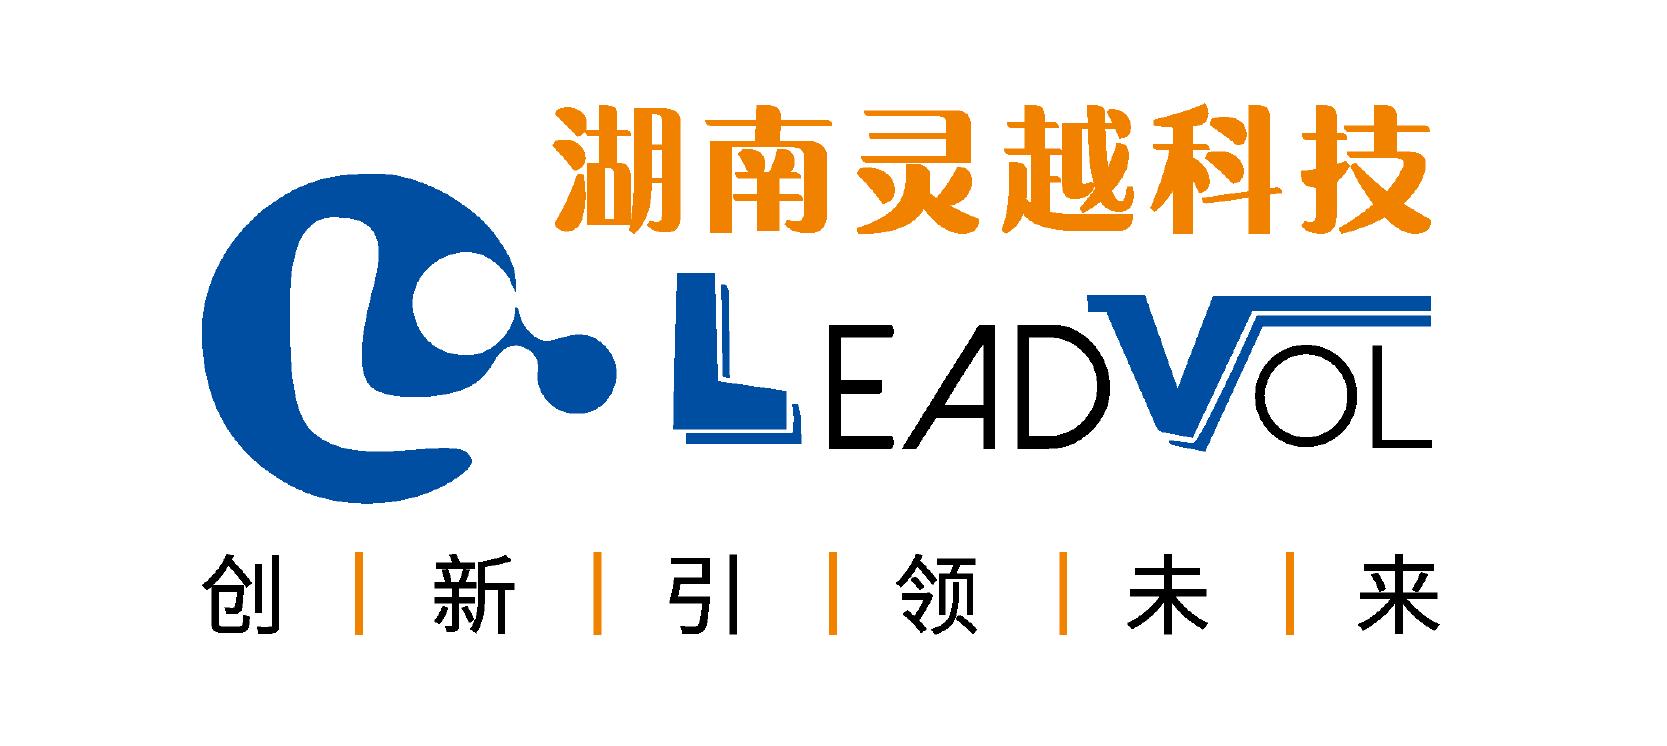 湖南灵越网络科技有限公司